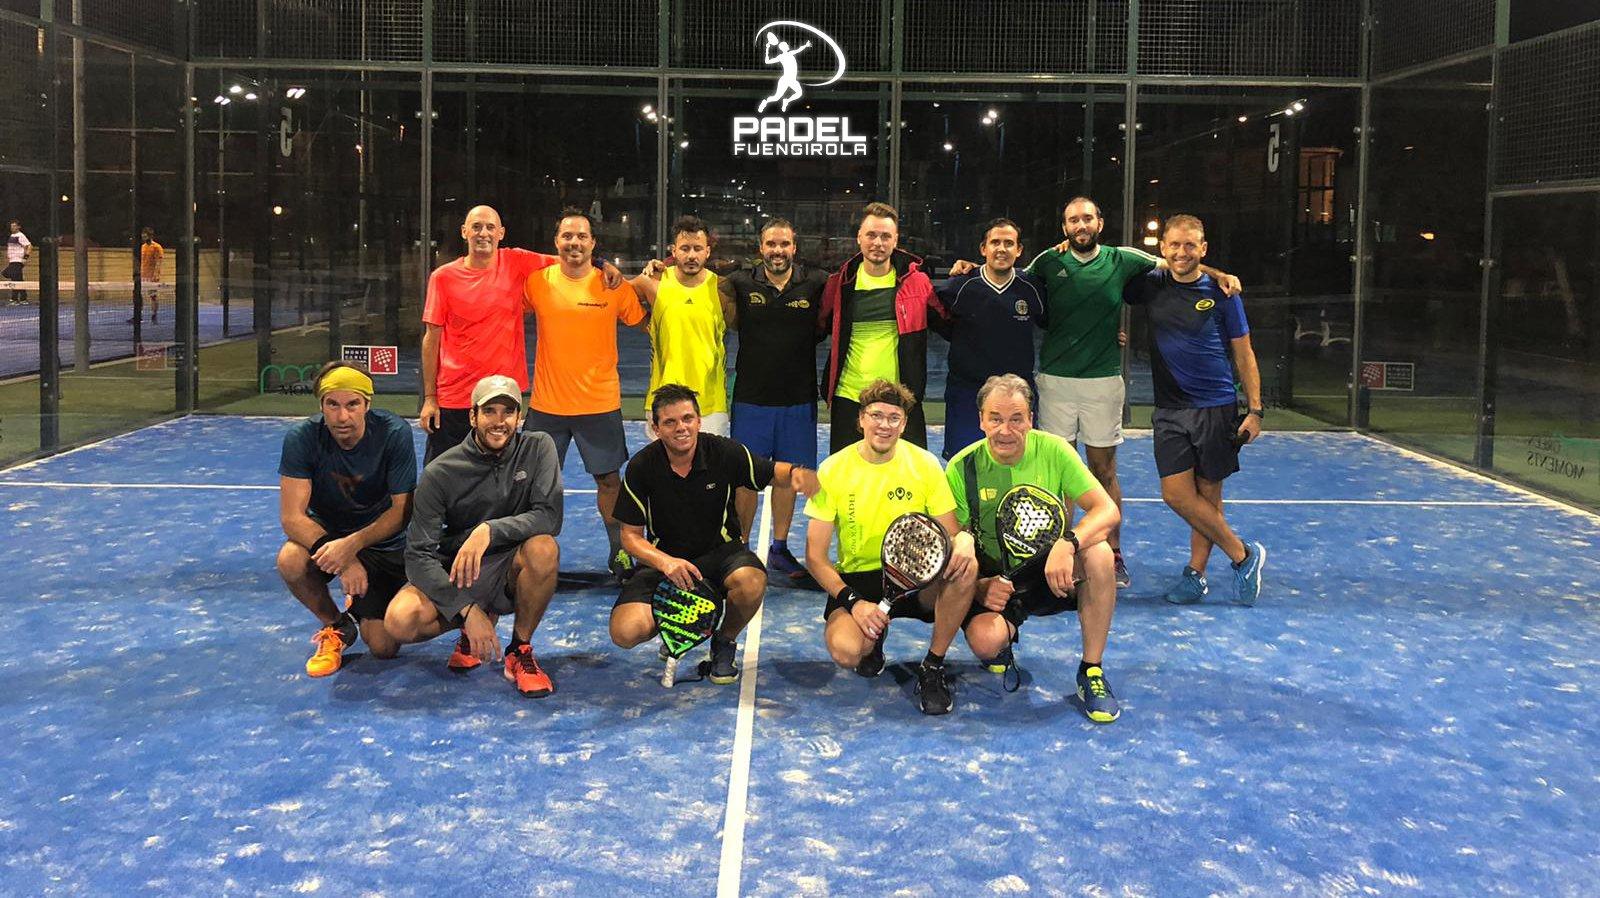 Nueva temporada de Padel Fuengirola con patricinio de Sol Beach Fitness Centre